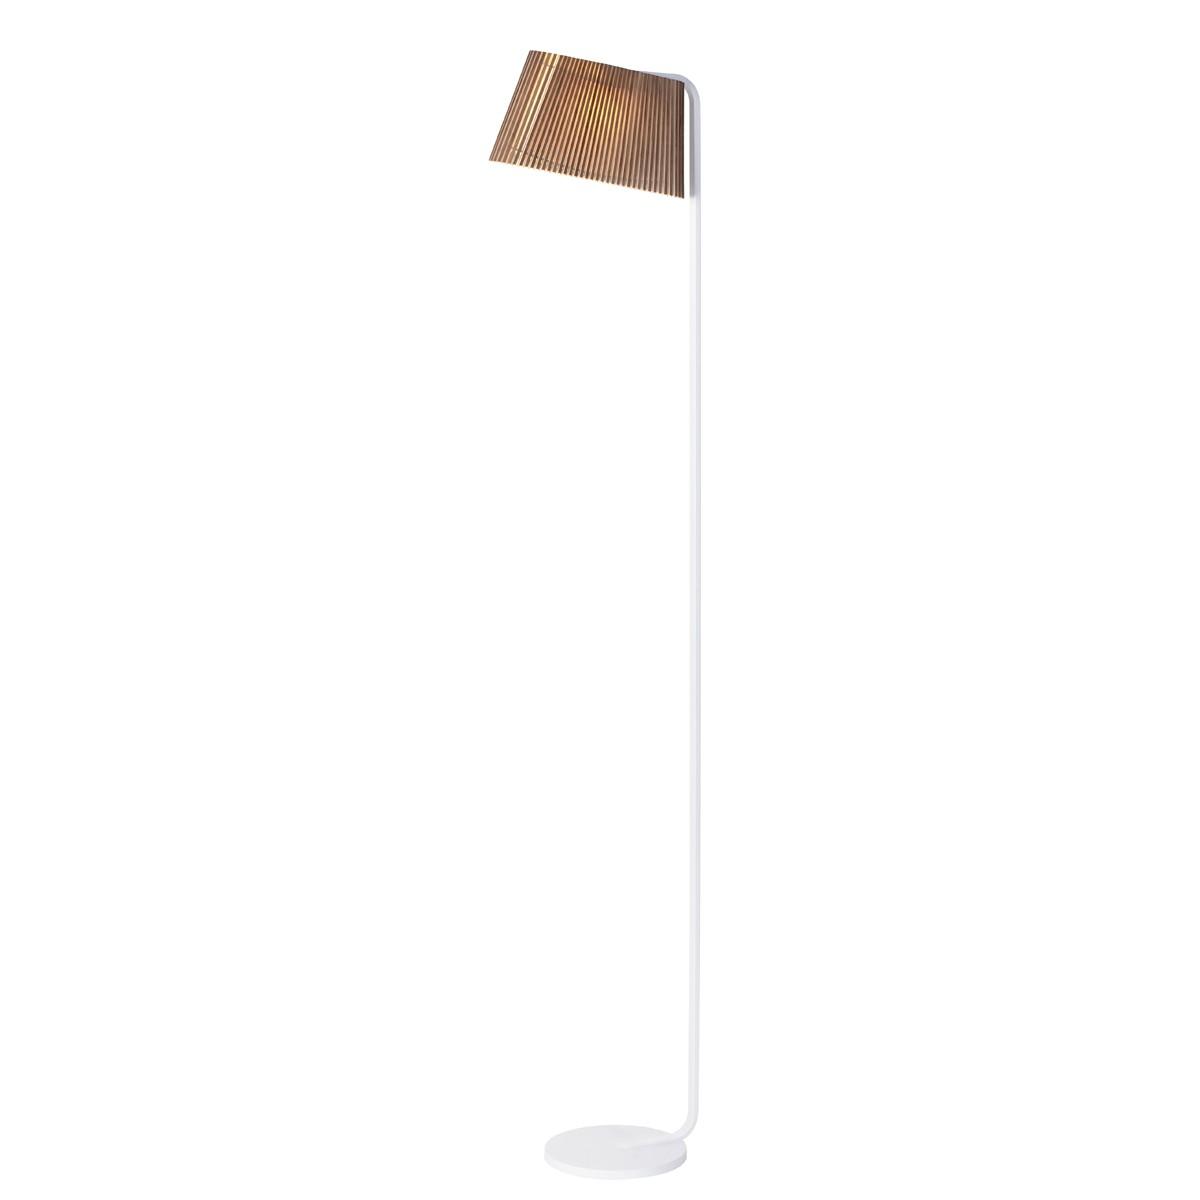 Secto Design Owalo 7010 Stehleuchte, weiß, Schirm: Walnussfurnier